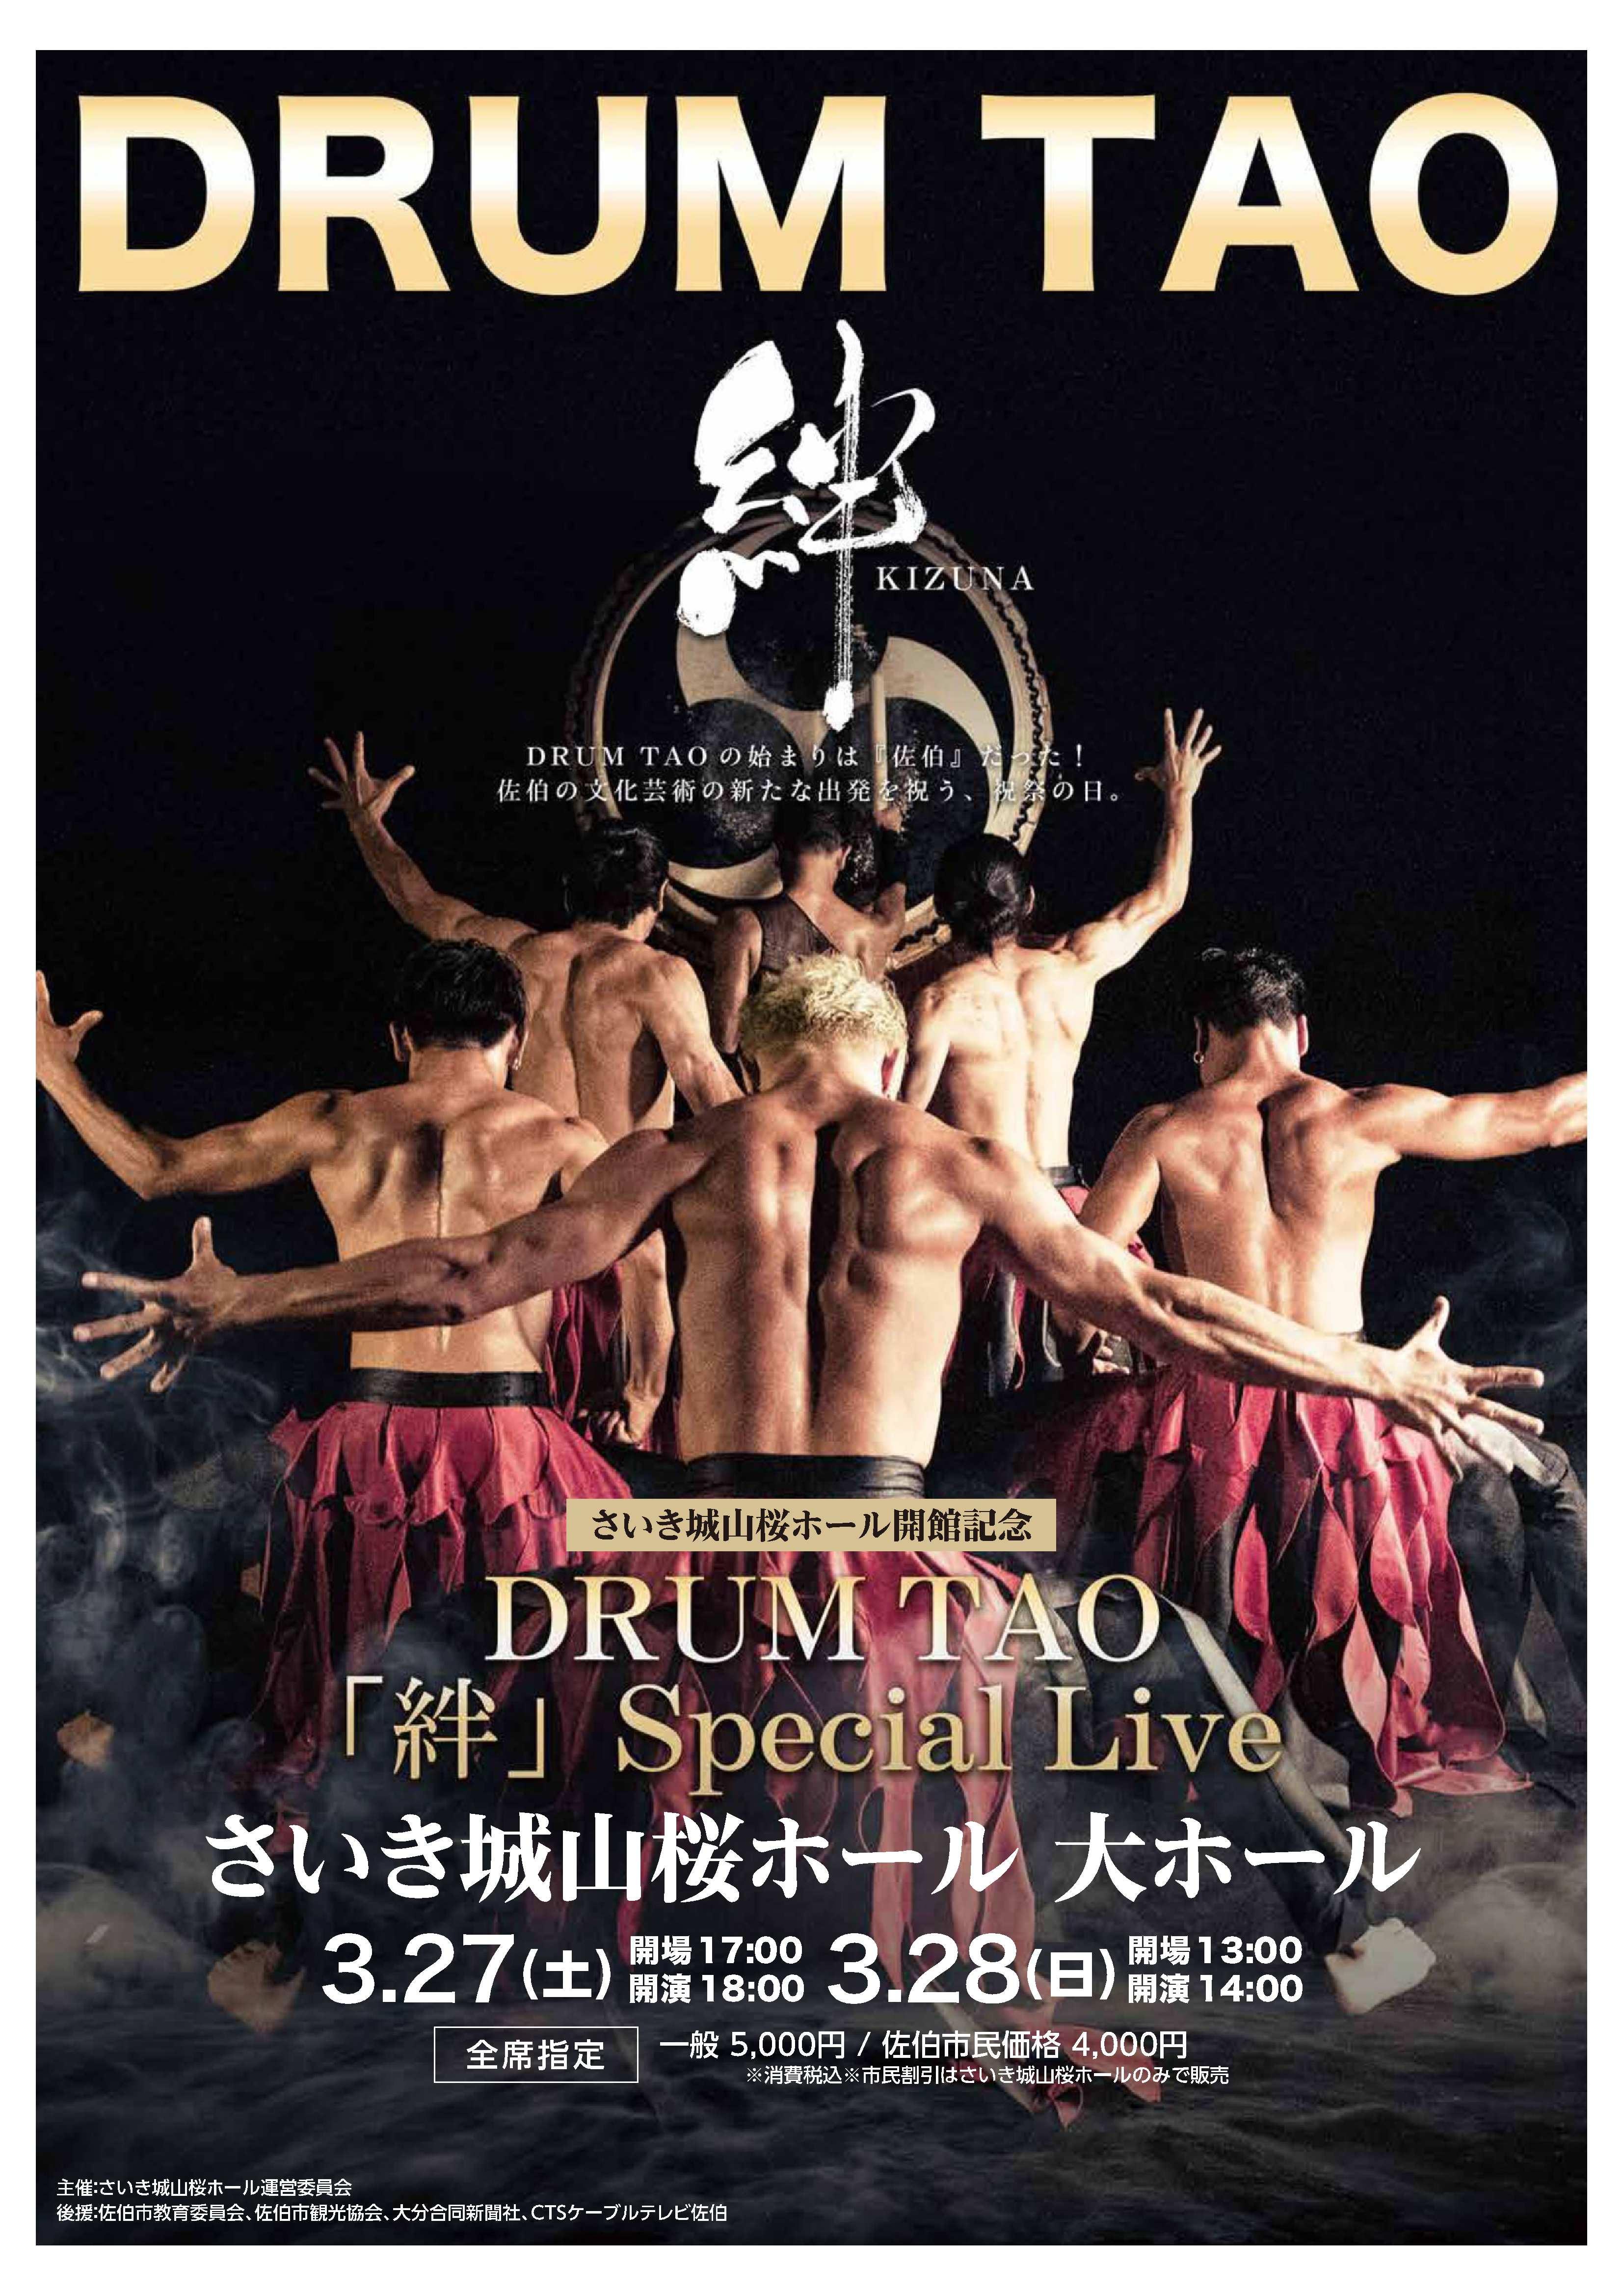 さいき城山桜ホール開館記念 DRUM TAO 「絆」Special Live(3月28日)